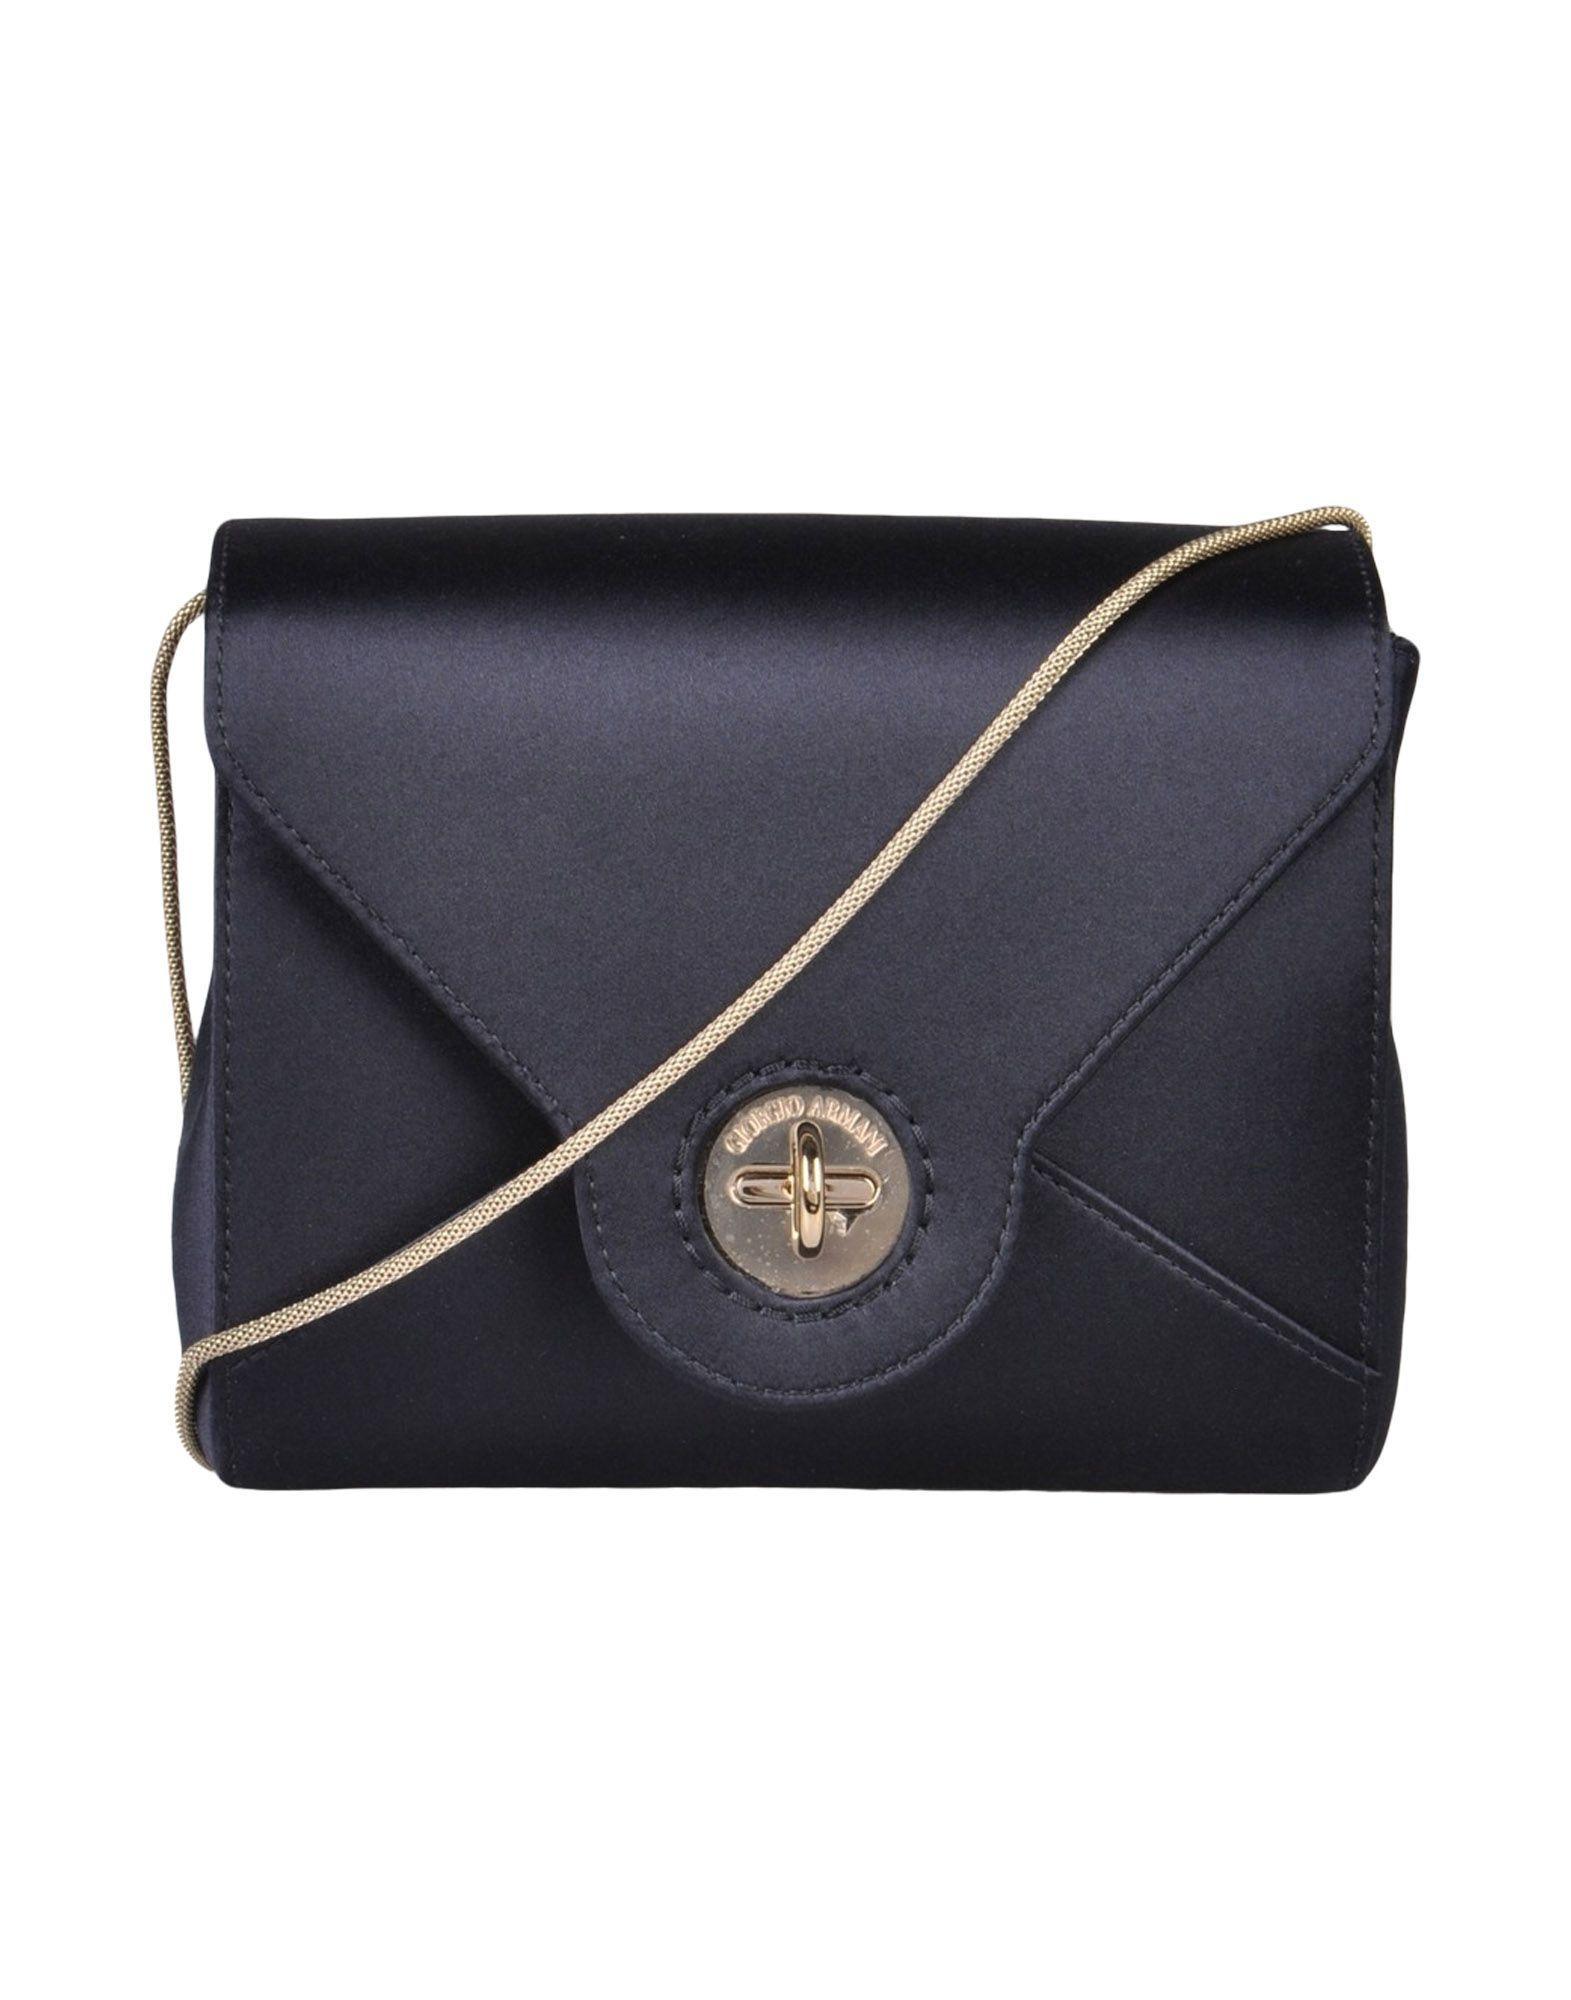 Giorgio Armani Handbags In Dark Blue